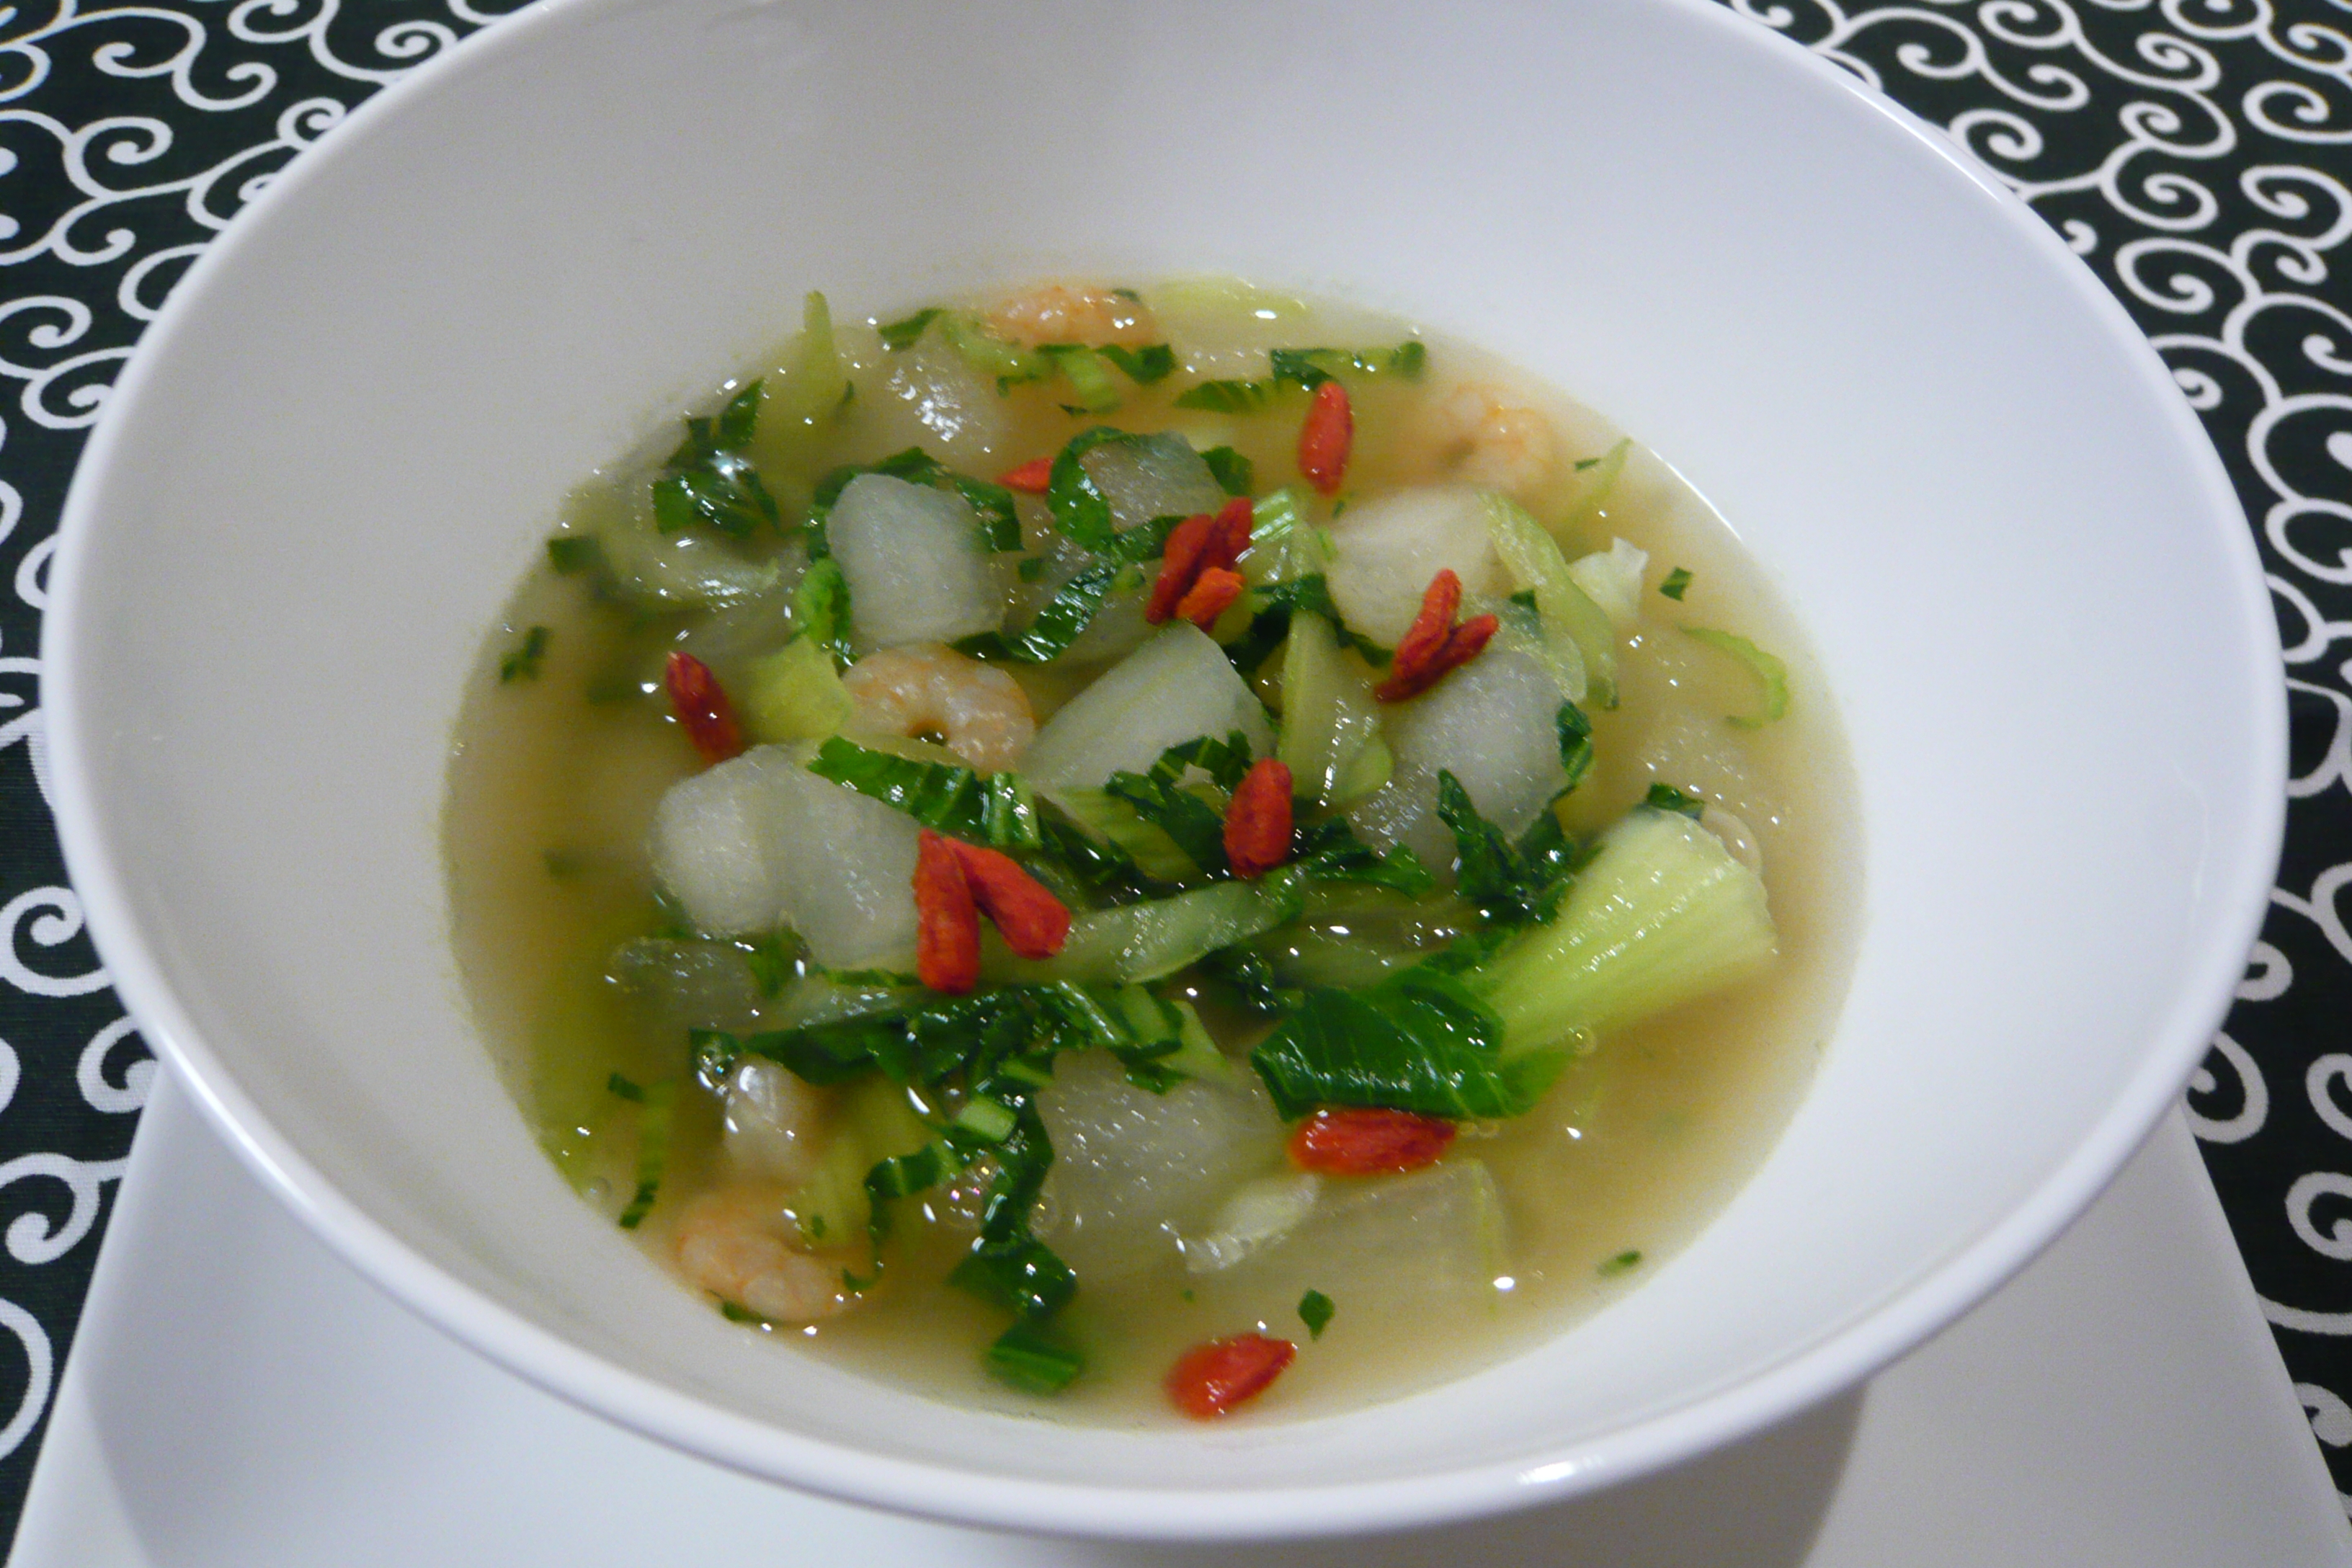 冬瓜とチンゲンサイのスープ